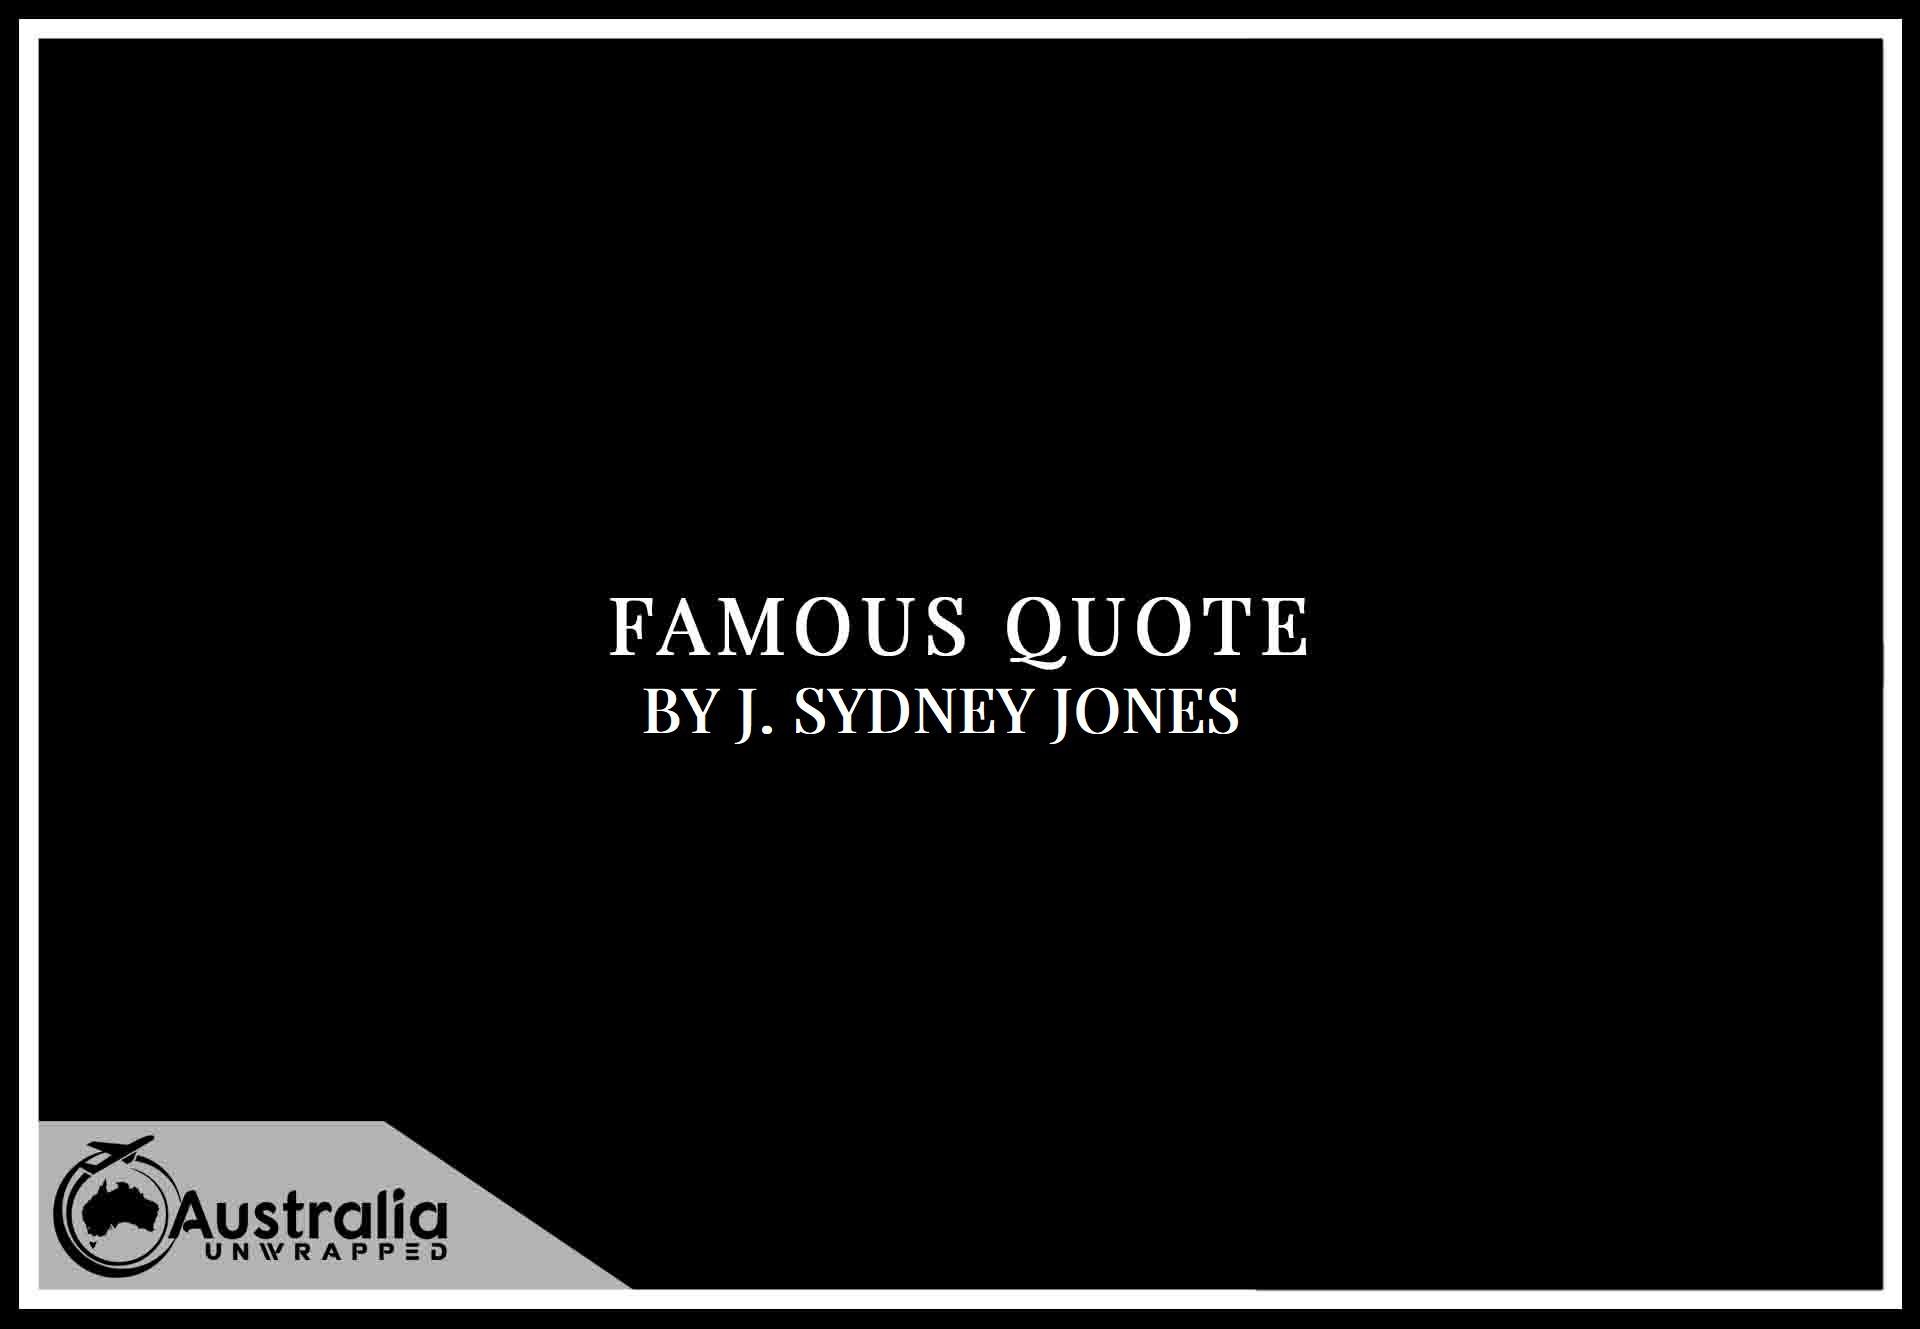 Top 1 Famous Quotes by Author J. Sydney Jones